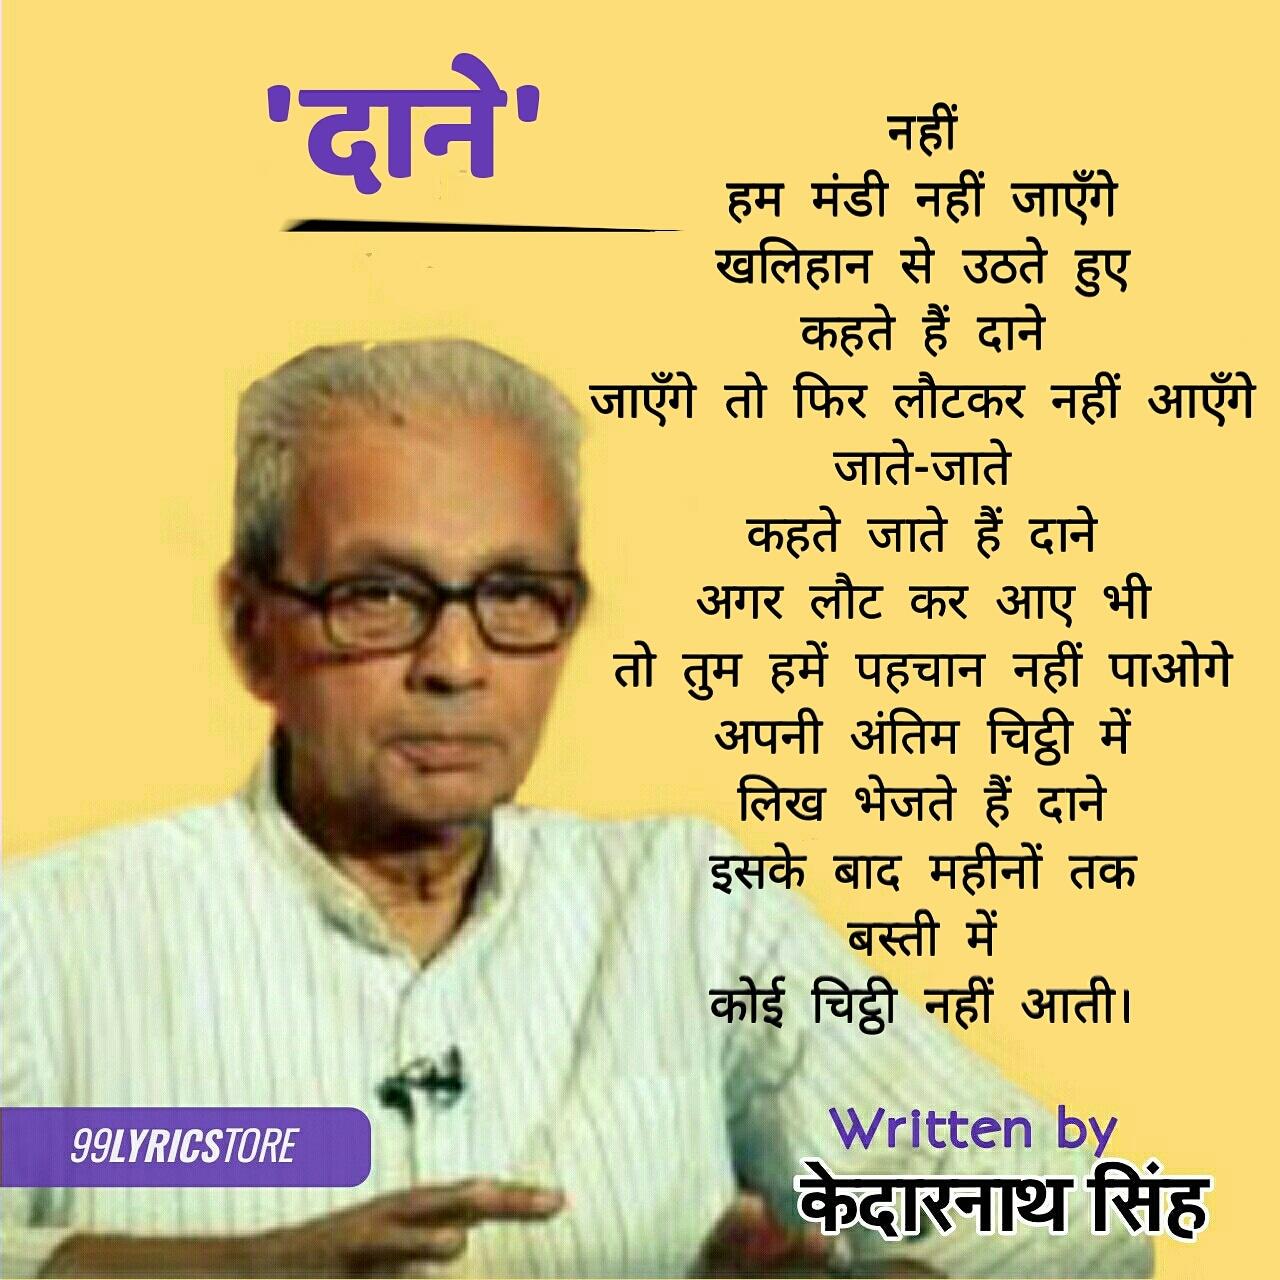 'दाने' कविता केदारनाथ सिंह जी द्वारा लिखी गई एक हिन्दी कविता है। 'अकाल में सारस' नामक कविता-संग्रह जिसमें 'दाने' कविता केदारनाथ सिंह जी द्वारा रचित एक हिन्दी कविता है।